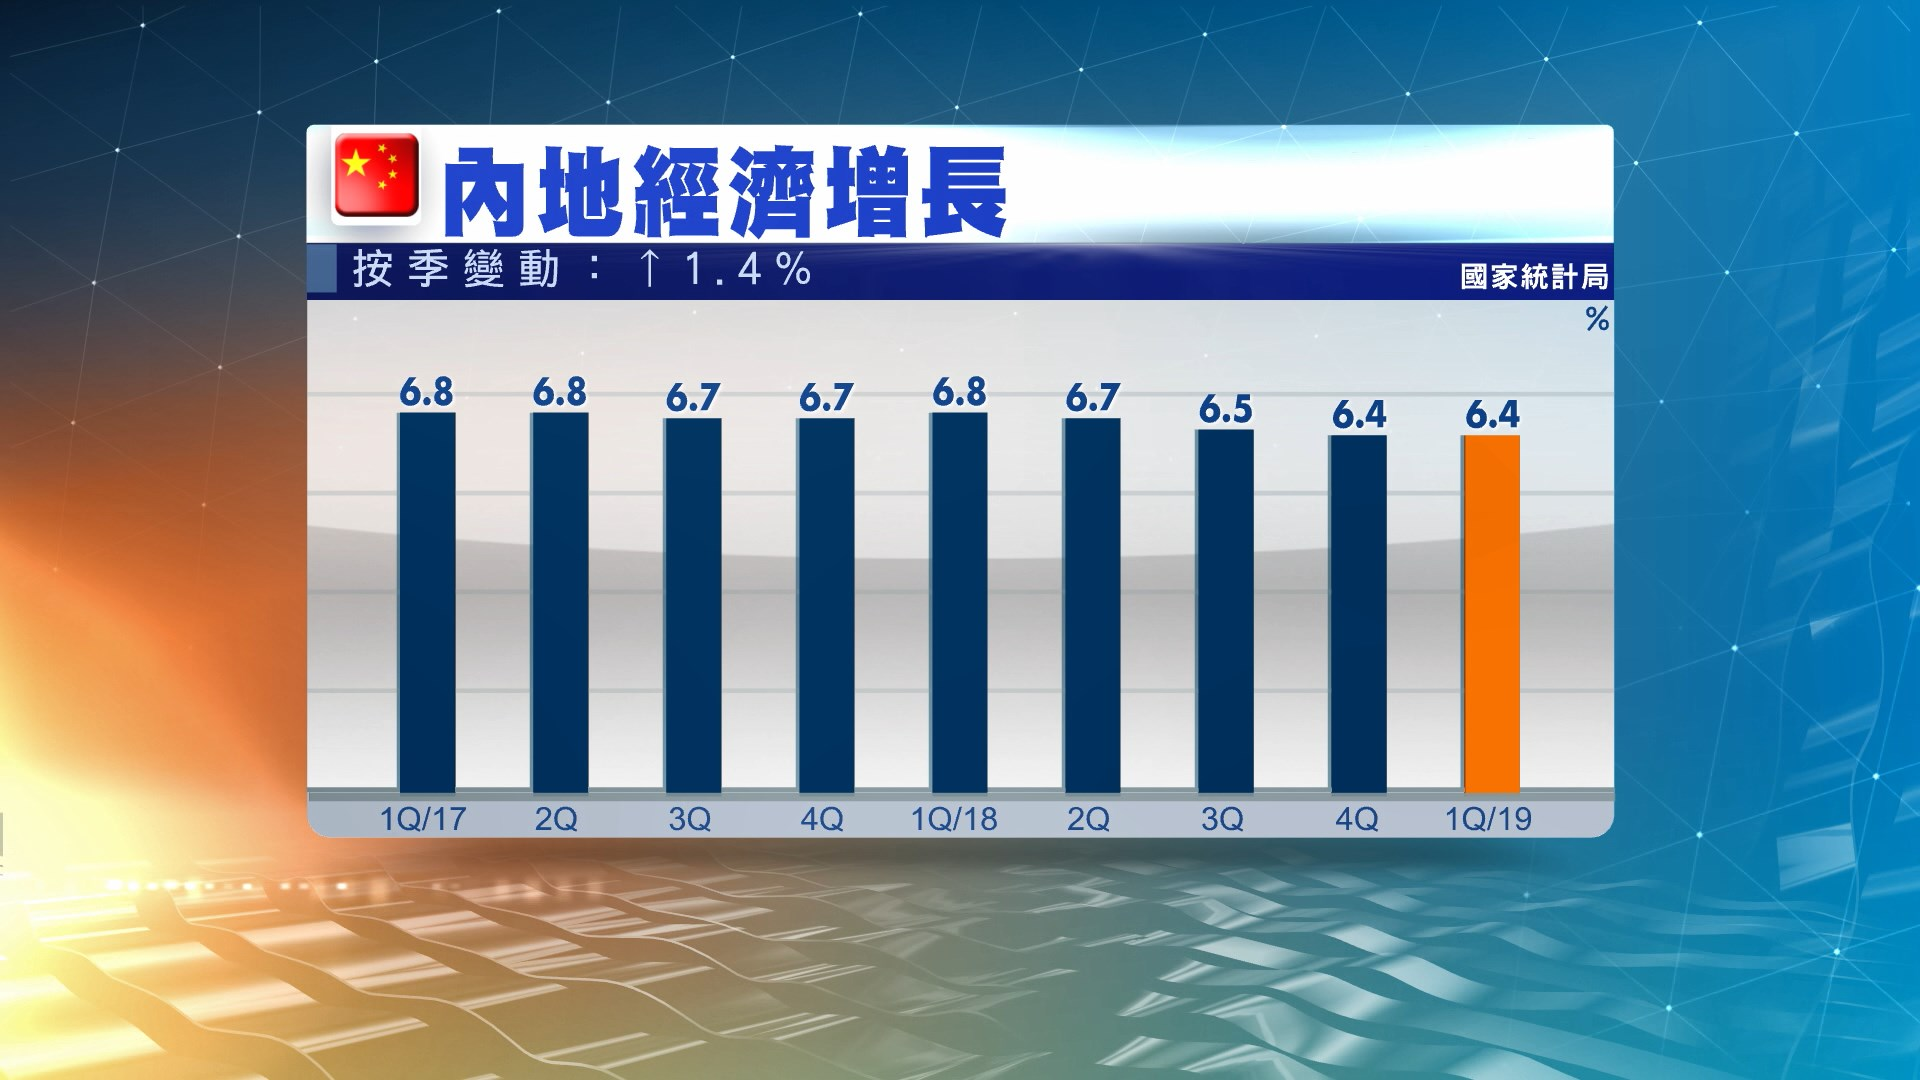 內地首季經濟增長6.4% 勝預期